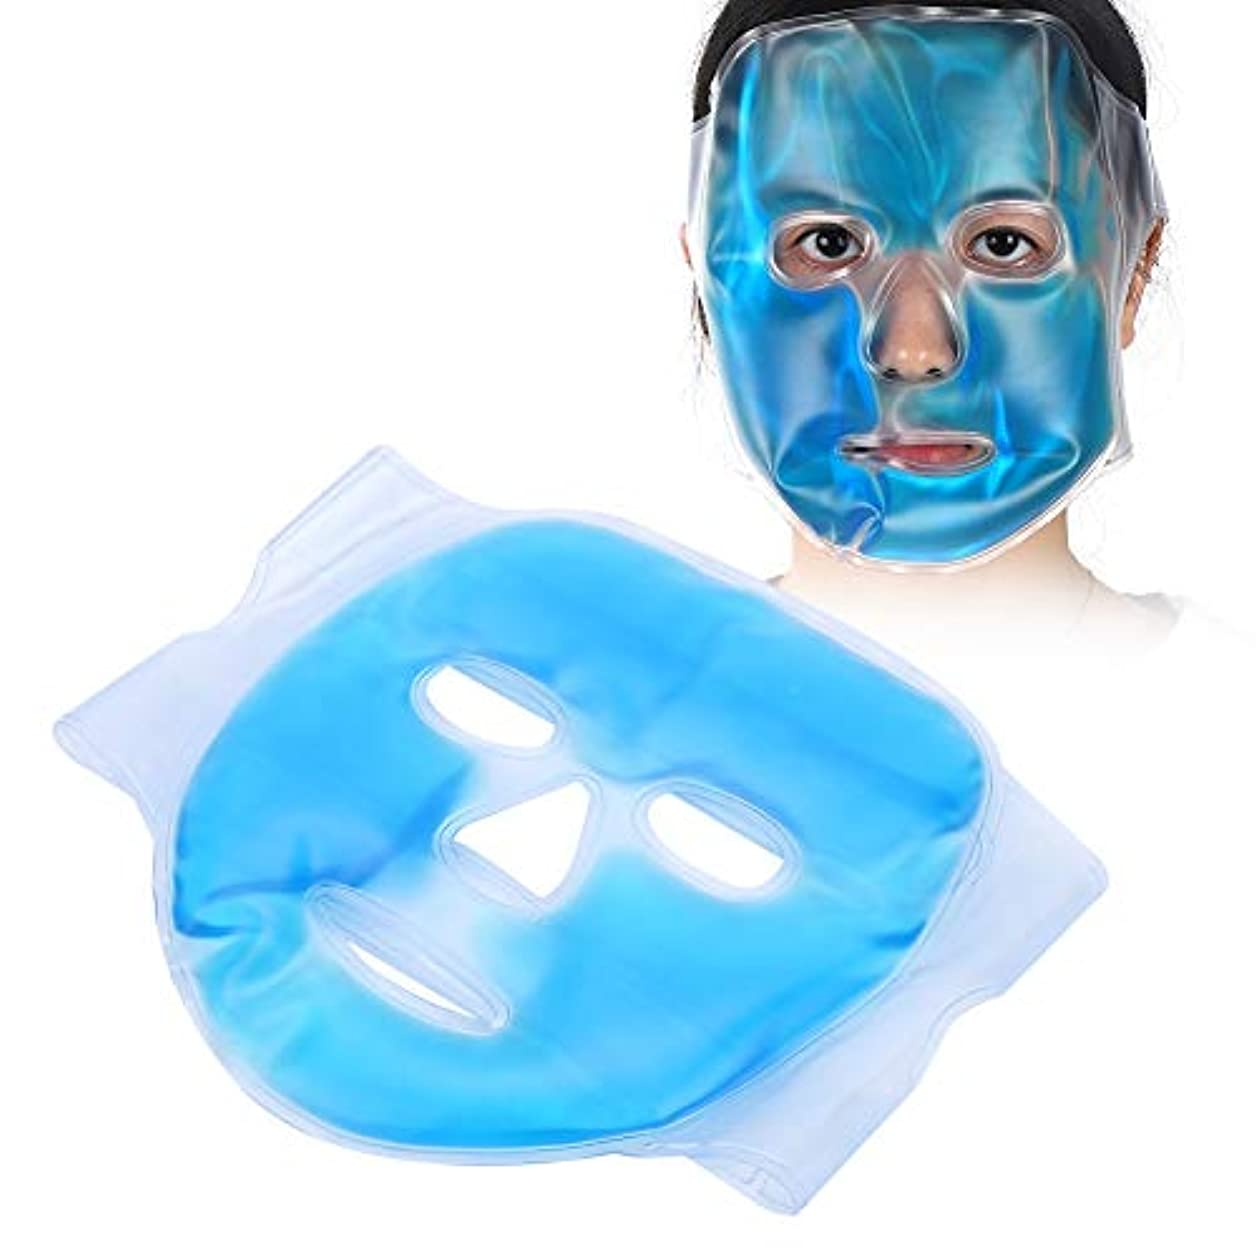 保湿 ジェル ブルー フェイスマスク 疲労緩和 リラクゼーション フルフェイスクーリングマスク